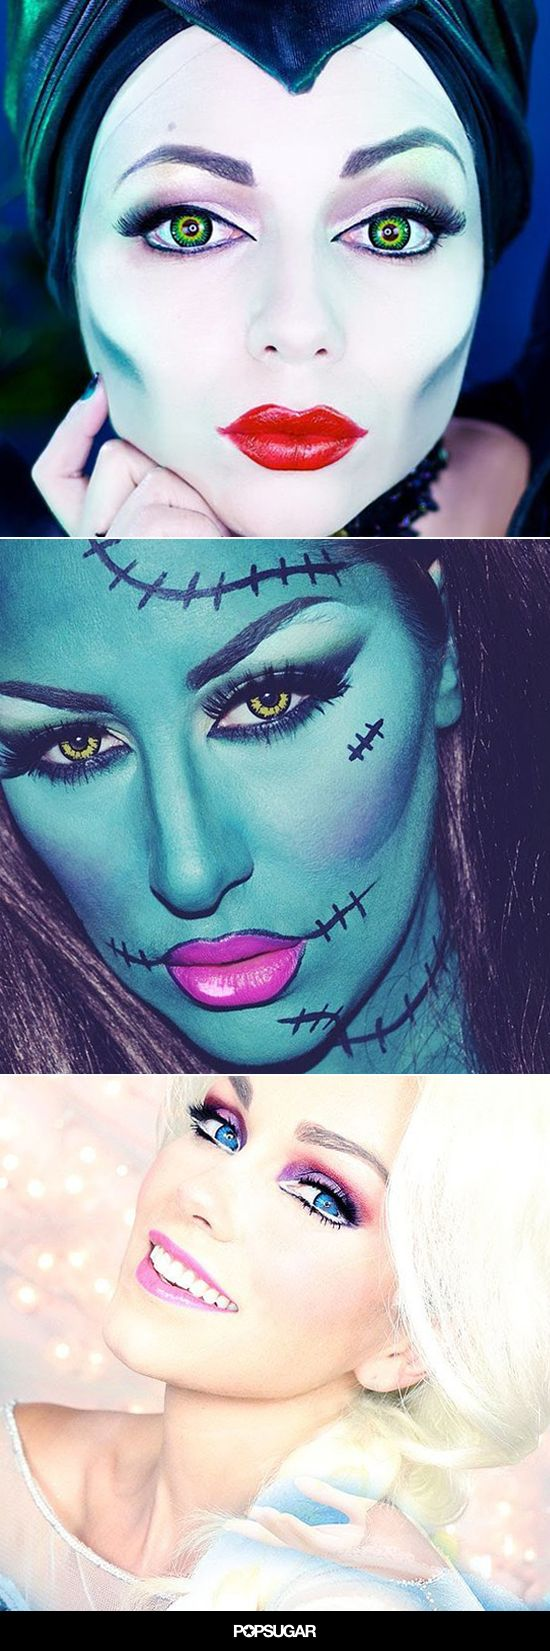 15 Beginner Hacks From Incredible Halloween Makeup Tutorials